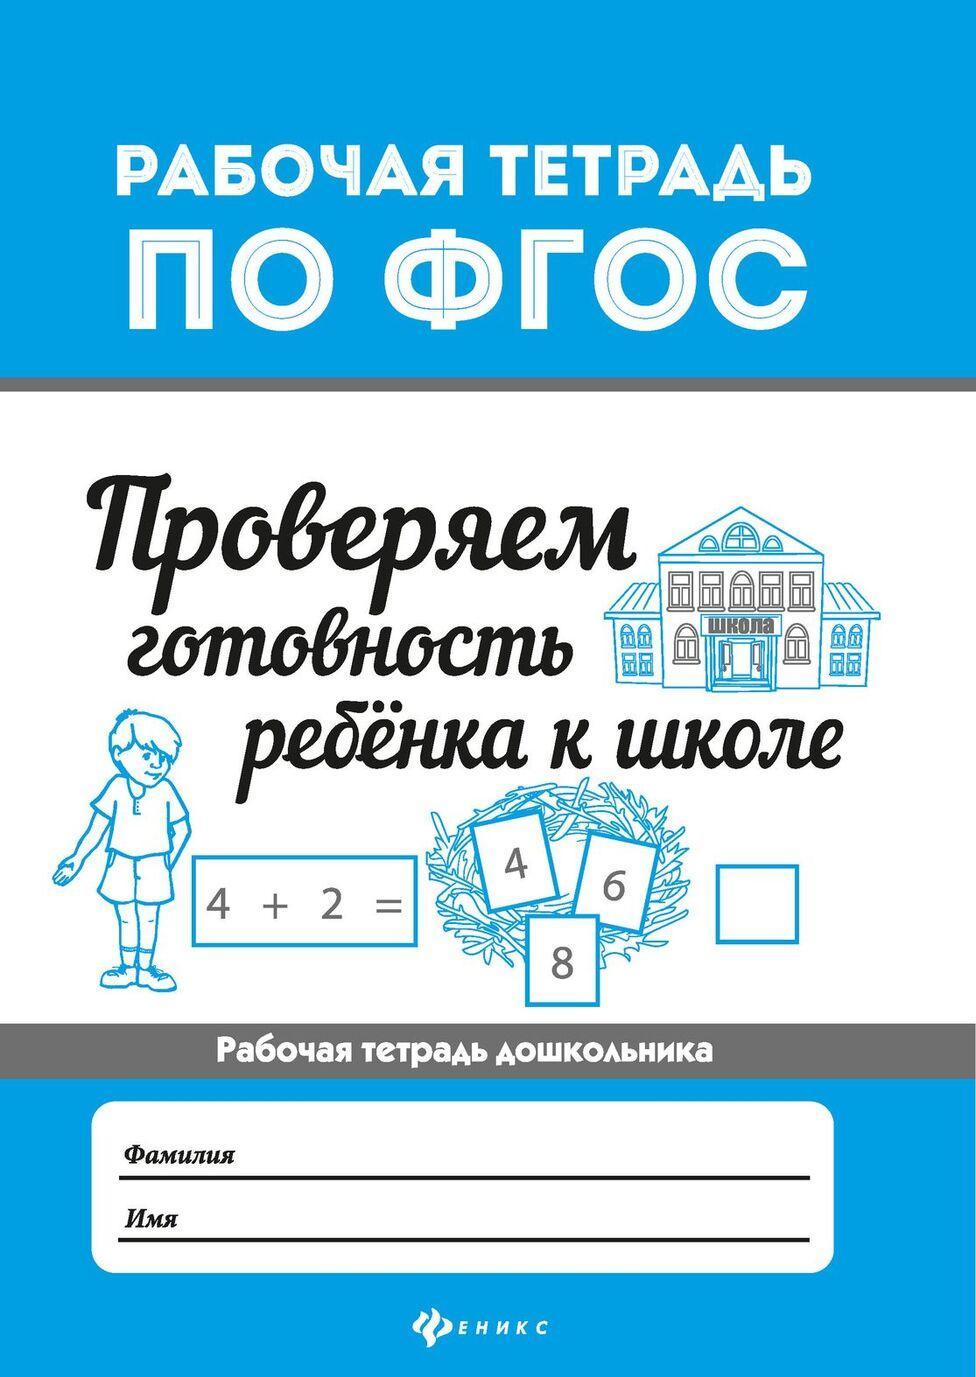 Proverjaem gotovnost rebenka k shkole | Bakhurova Evgenija Petrovna